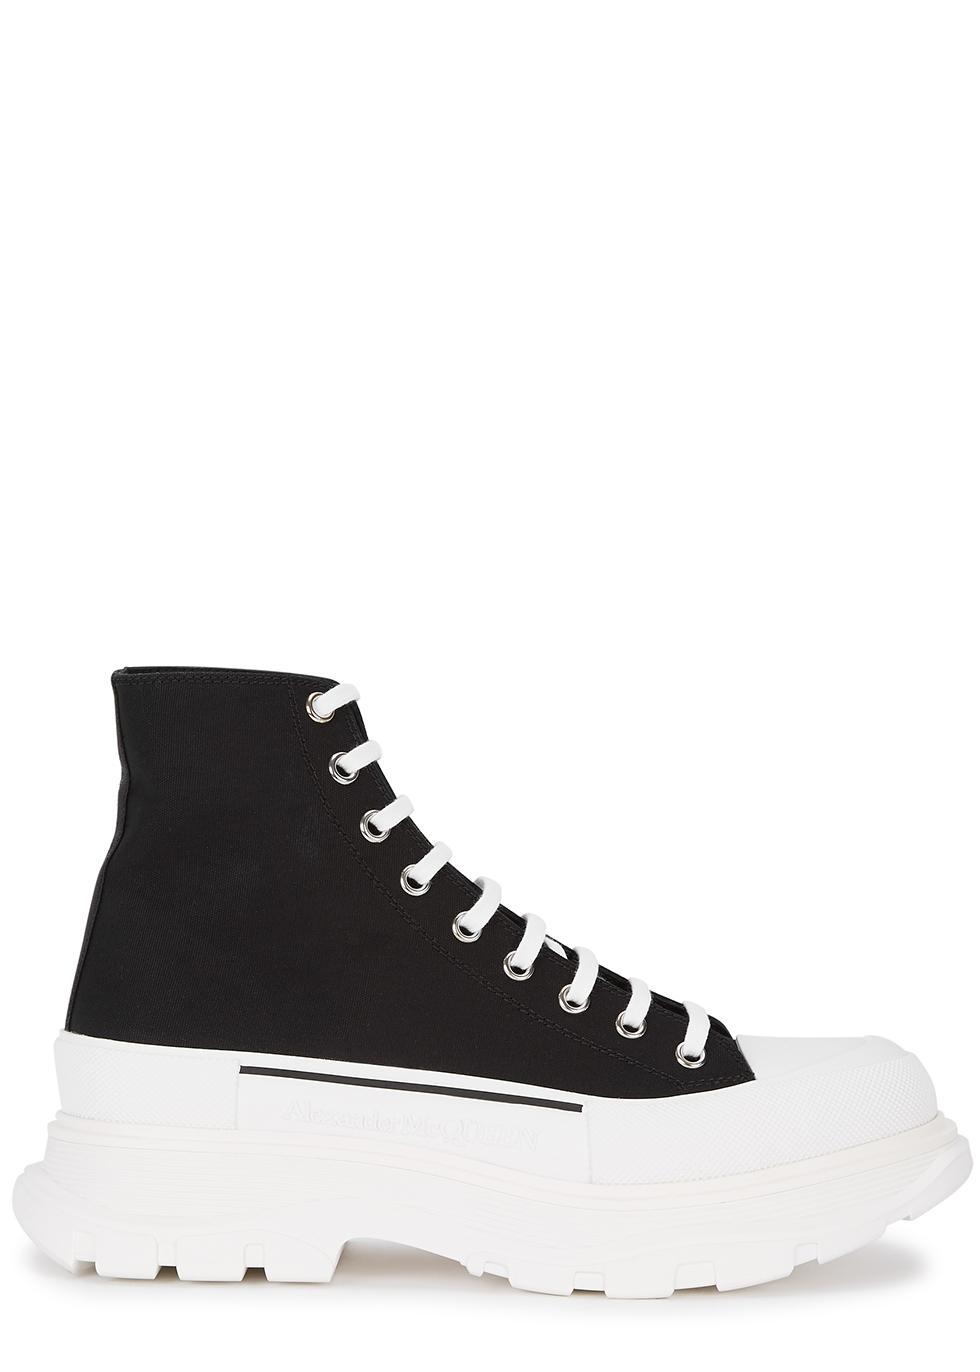 Tread Slick black canvas hi-top sneakers